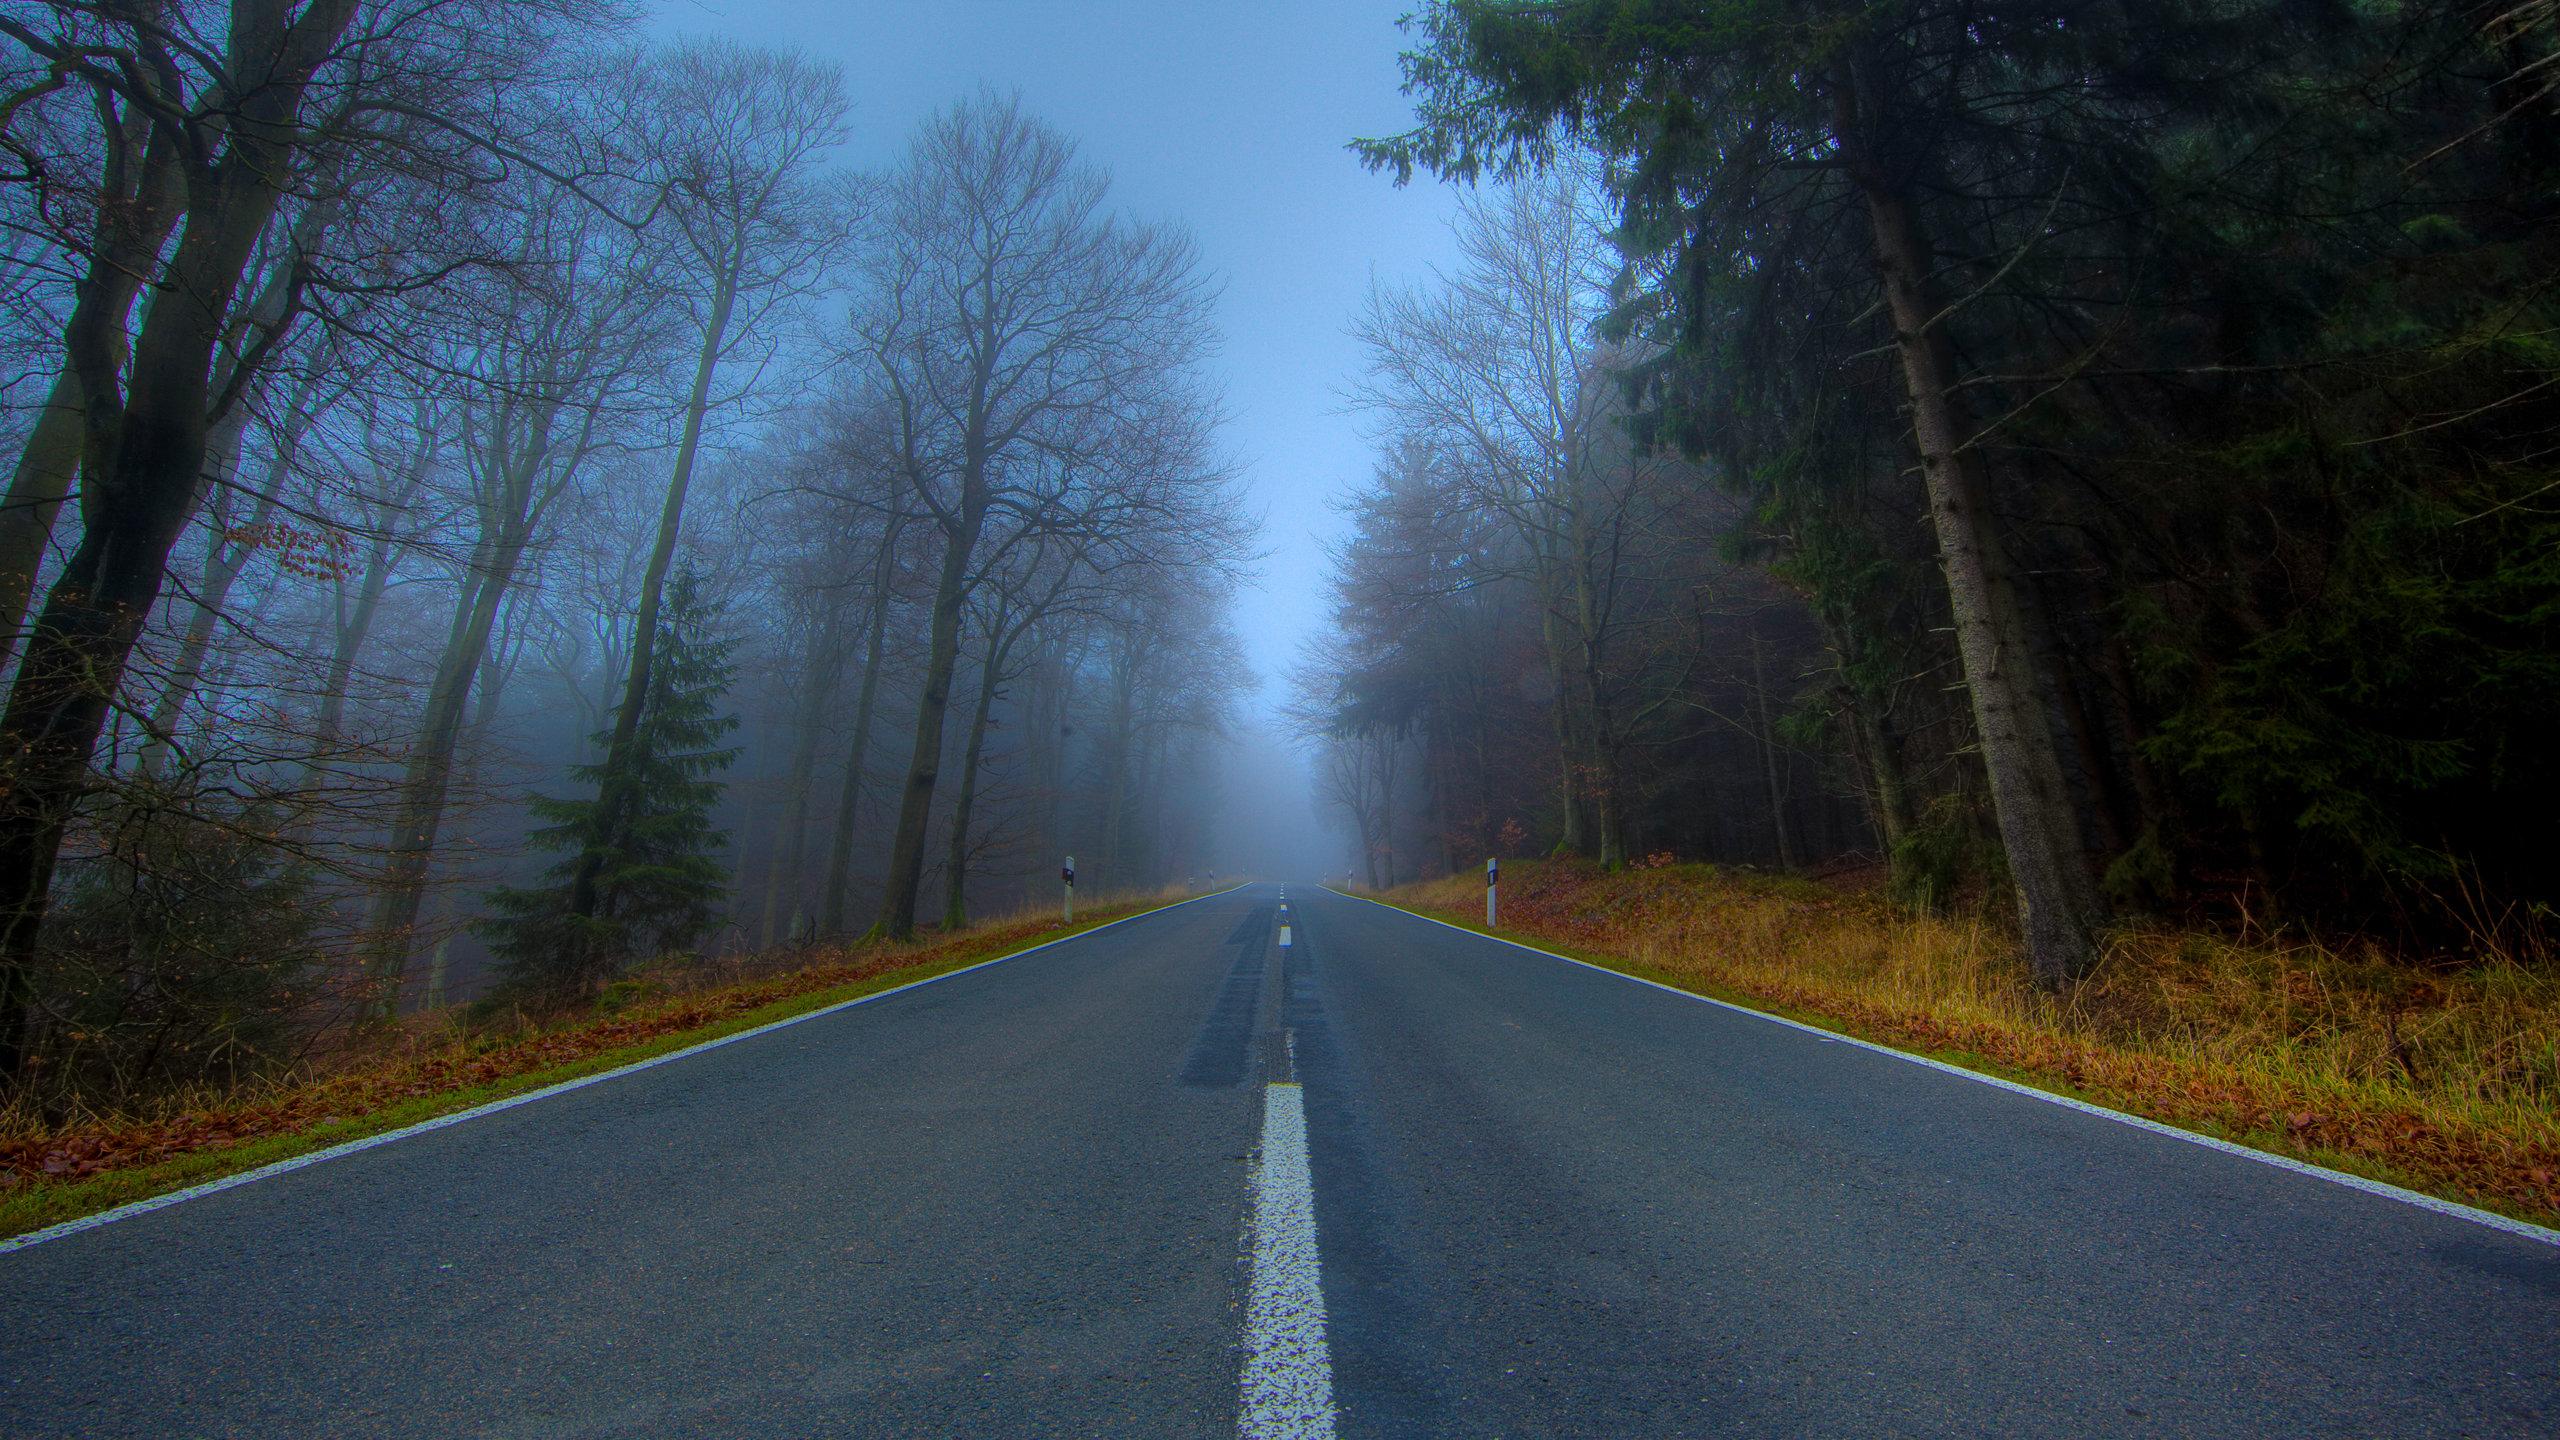 2560x1440 wallpaper road: Road Wallpapers 2560x1440 Desktop Backgrounds